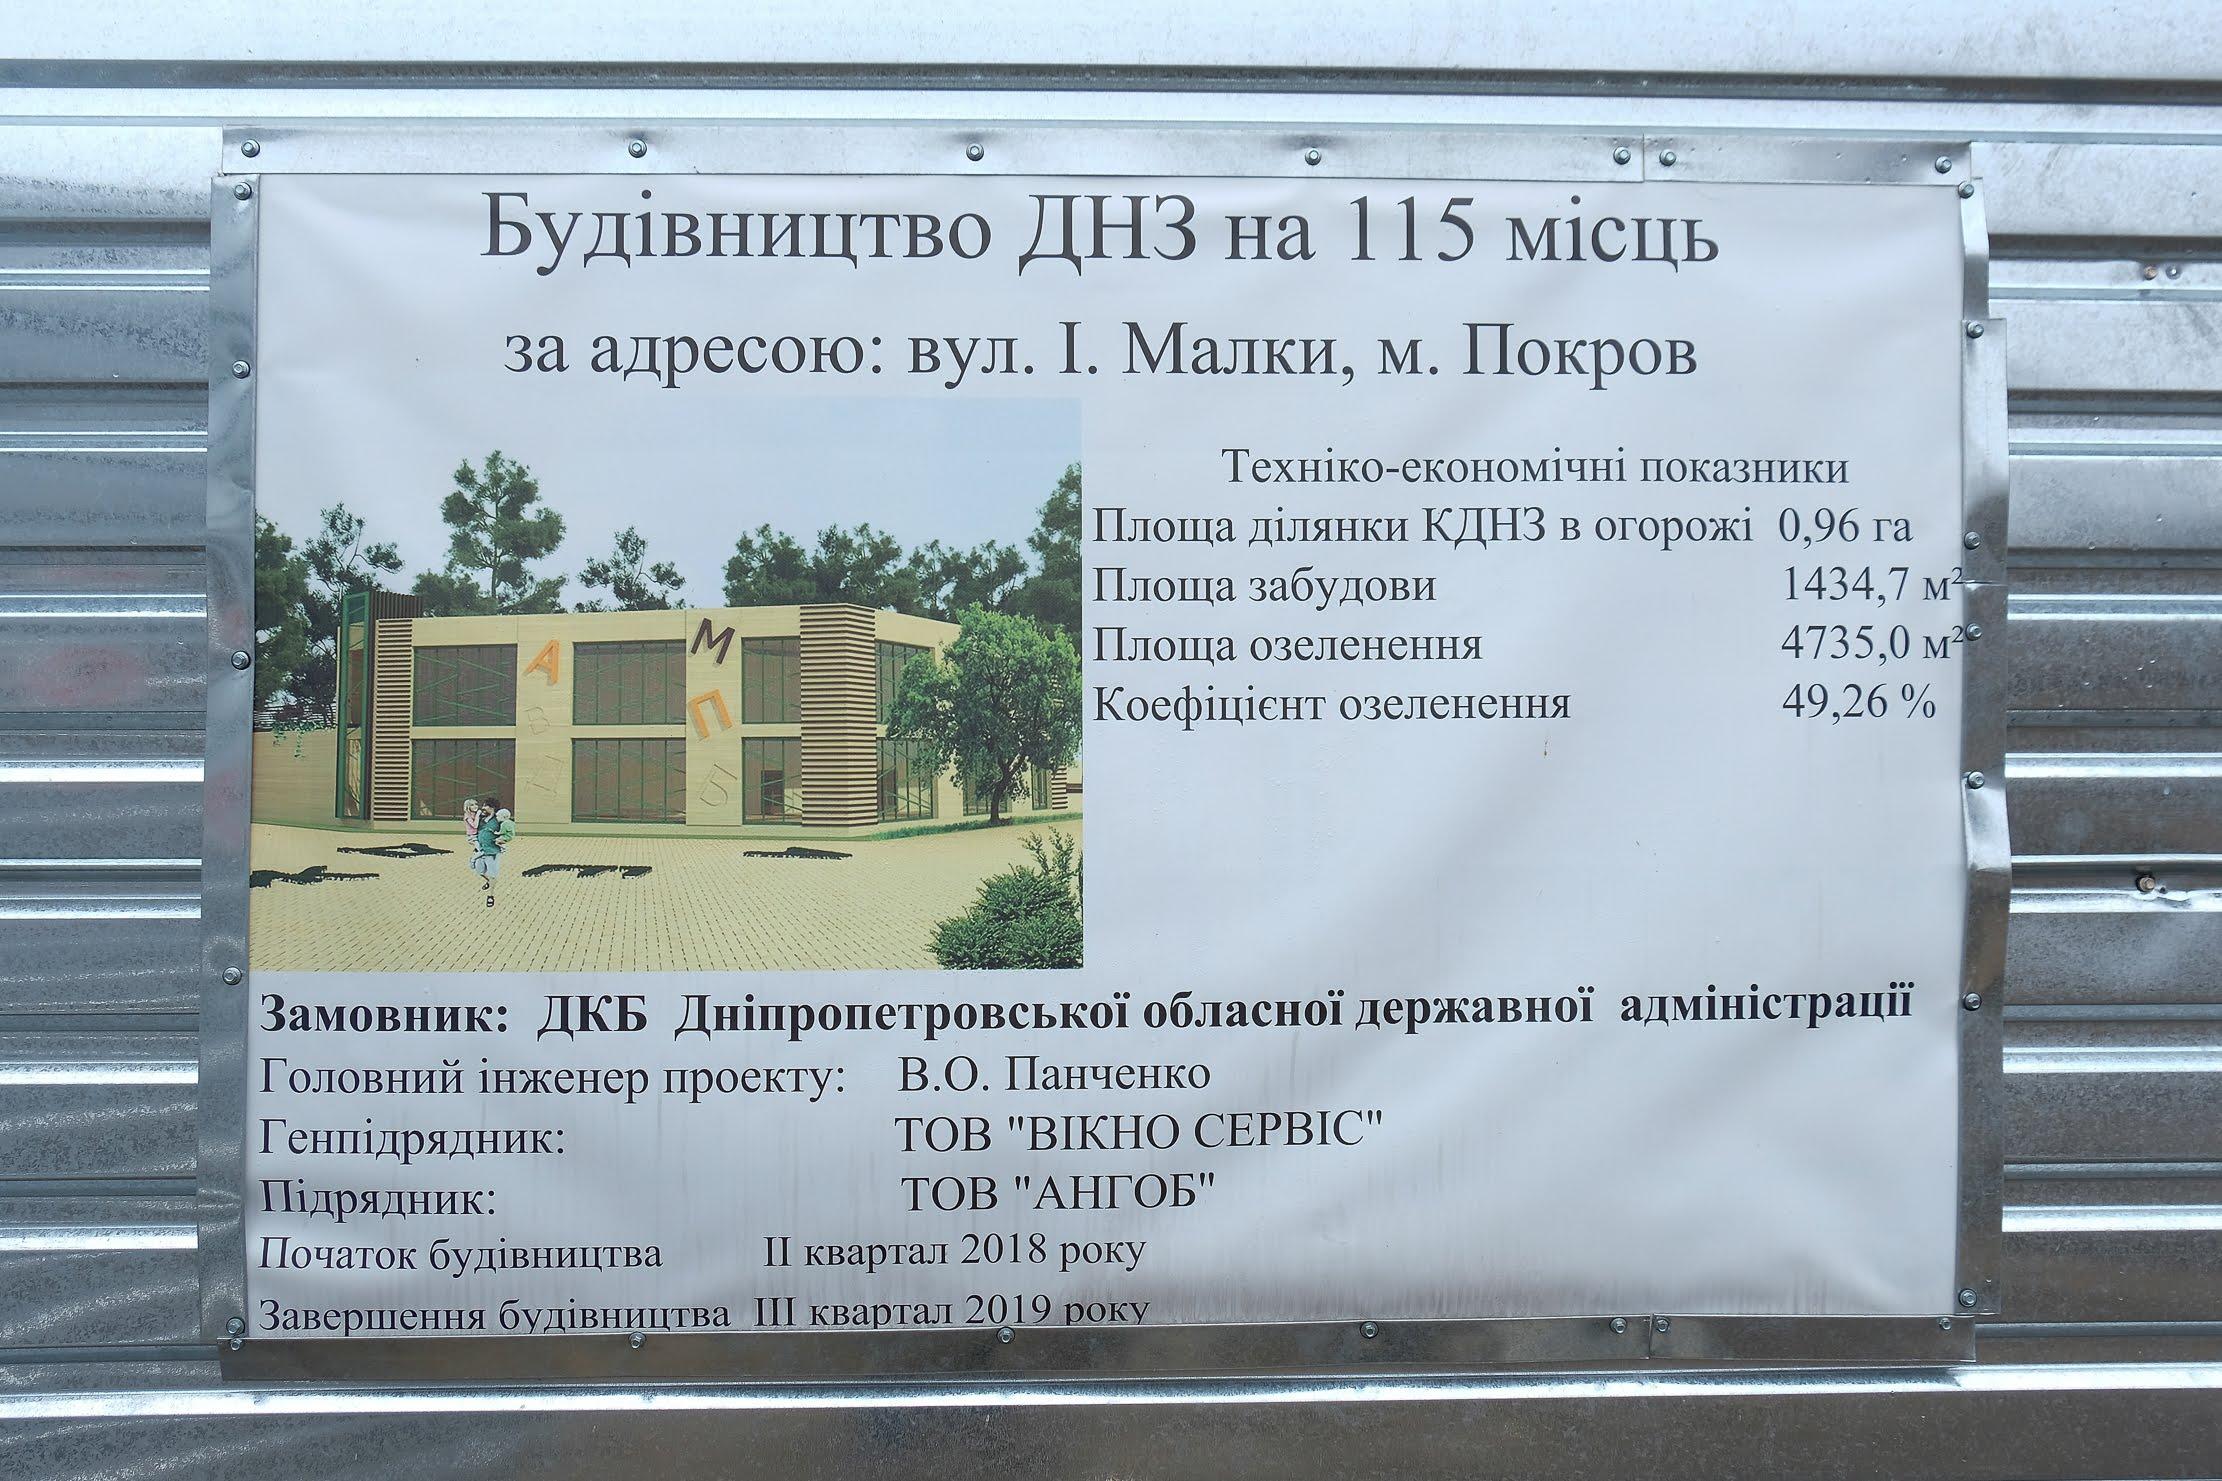 В 15-ти тысячном микрорайоне Покрова продолжается строительство нового детского сада на 115 мест